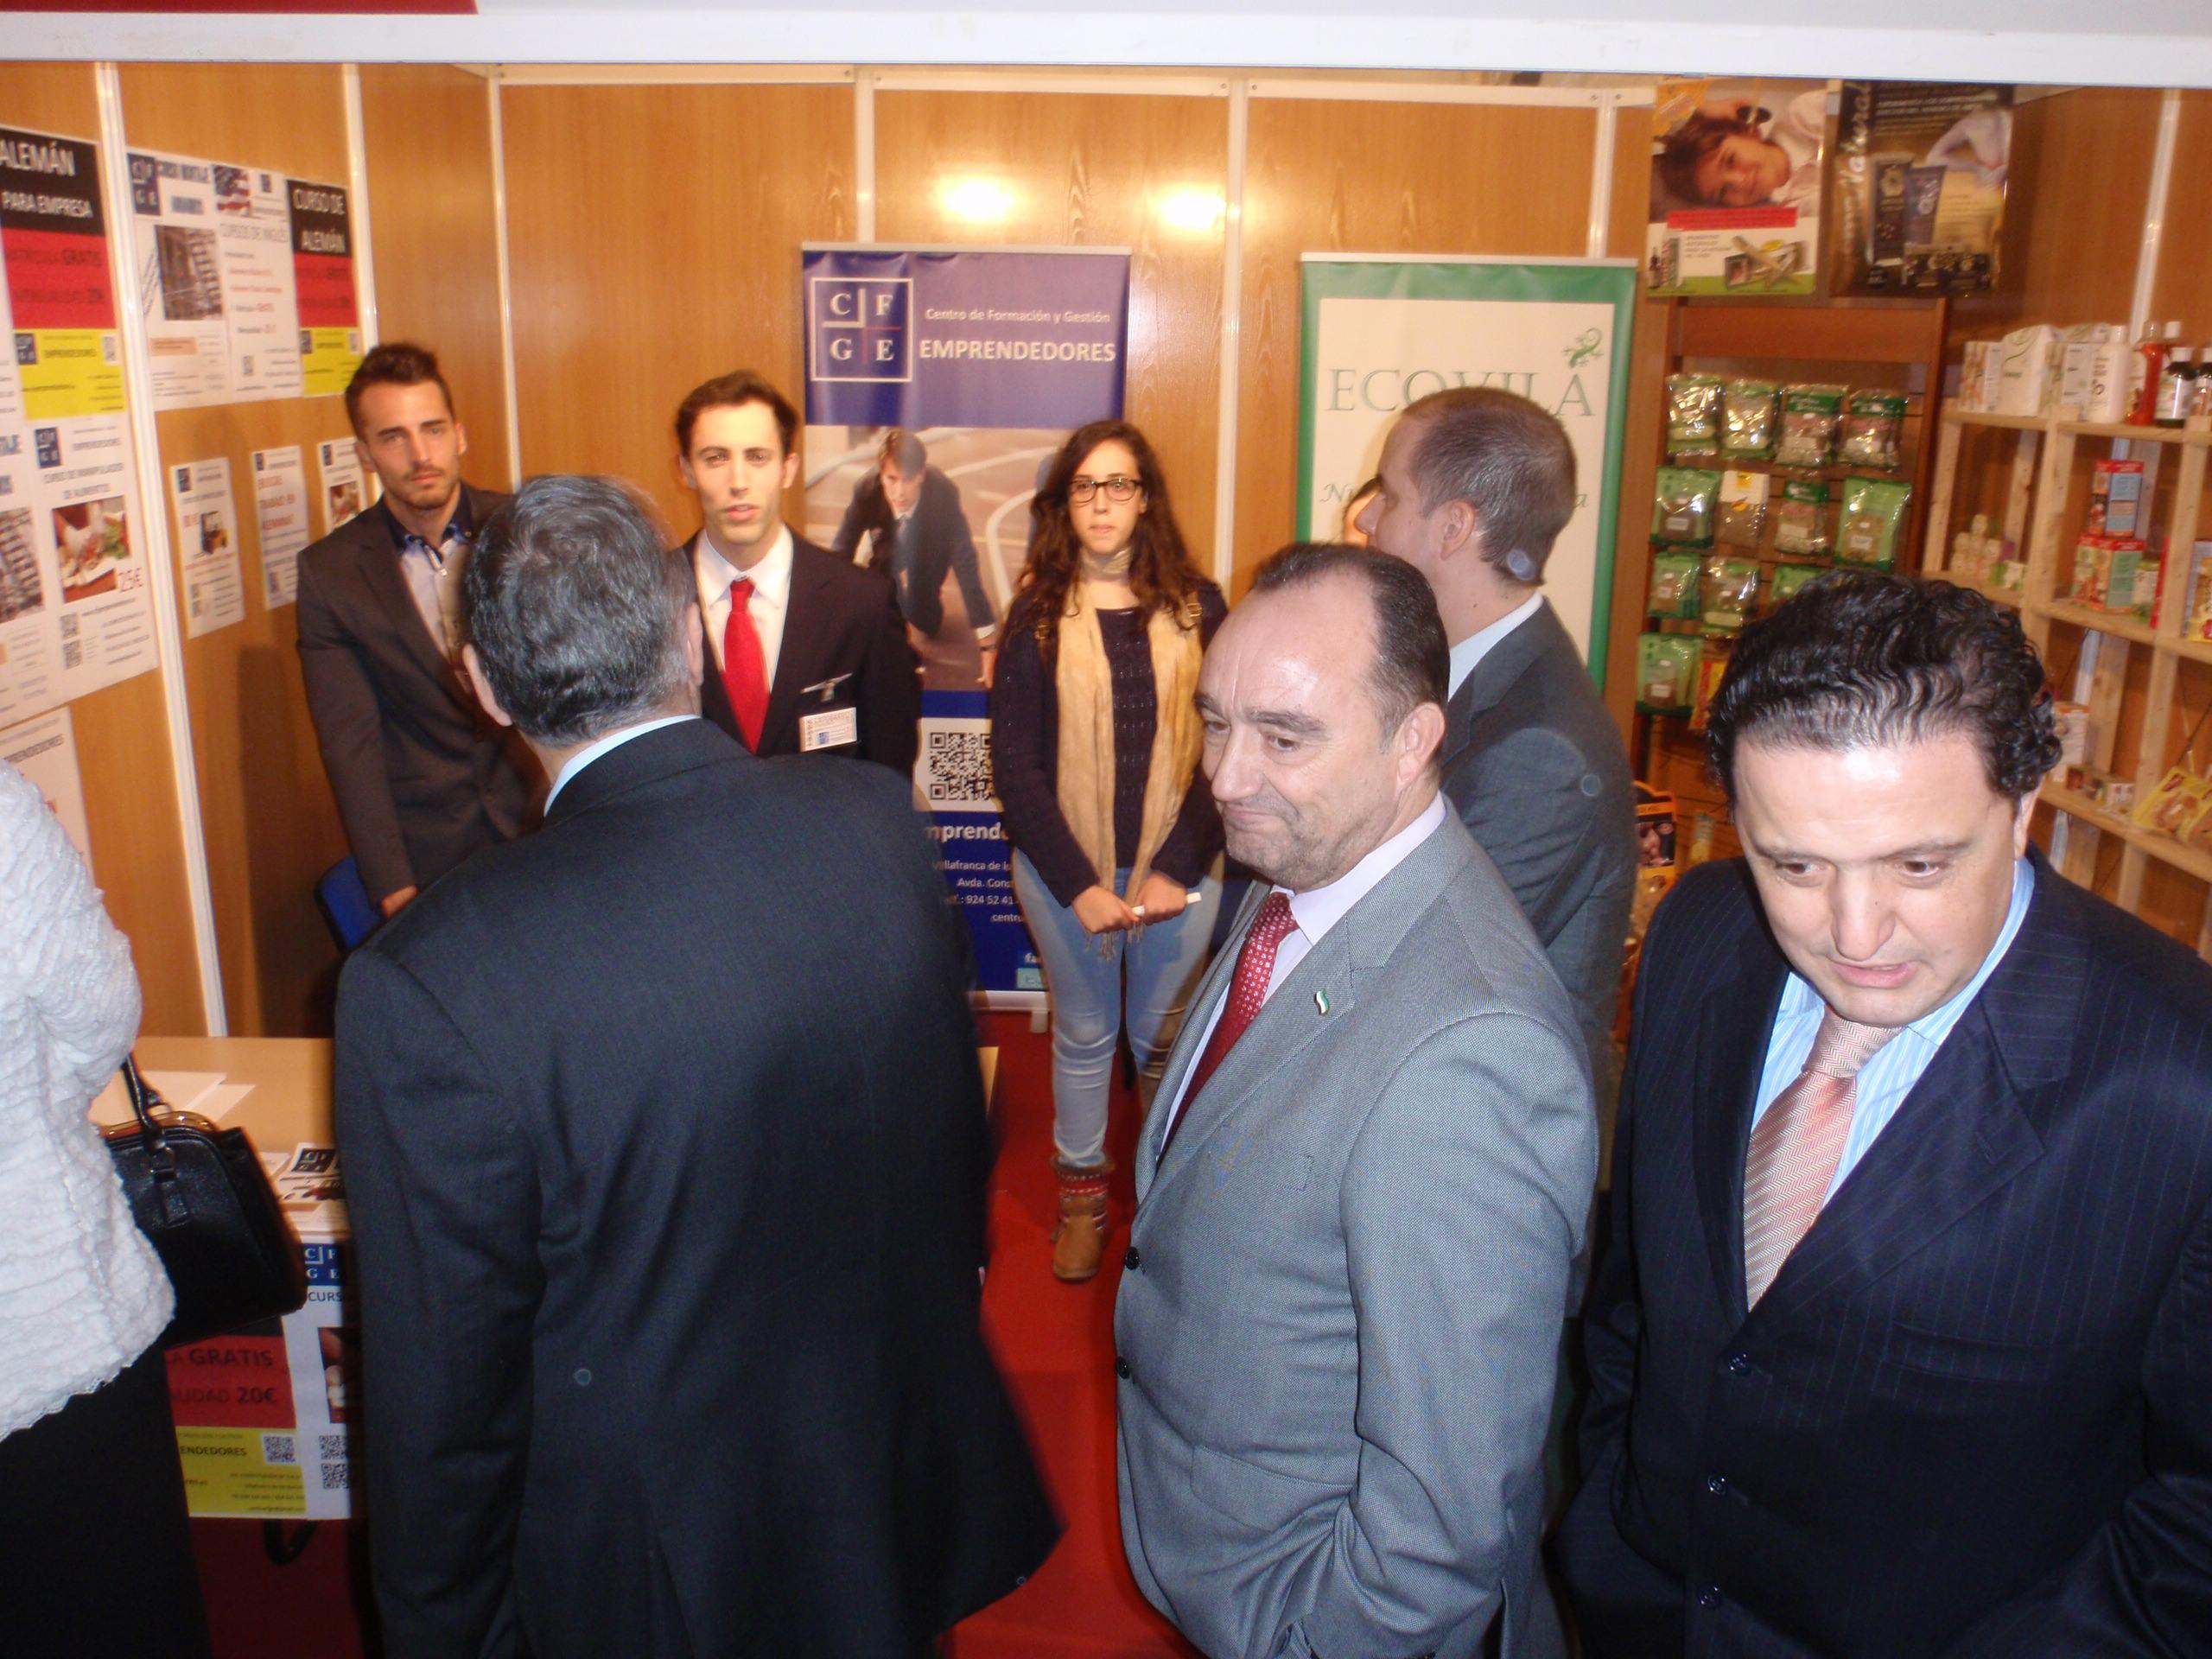 Expobarros 2013